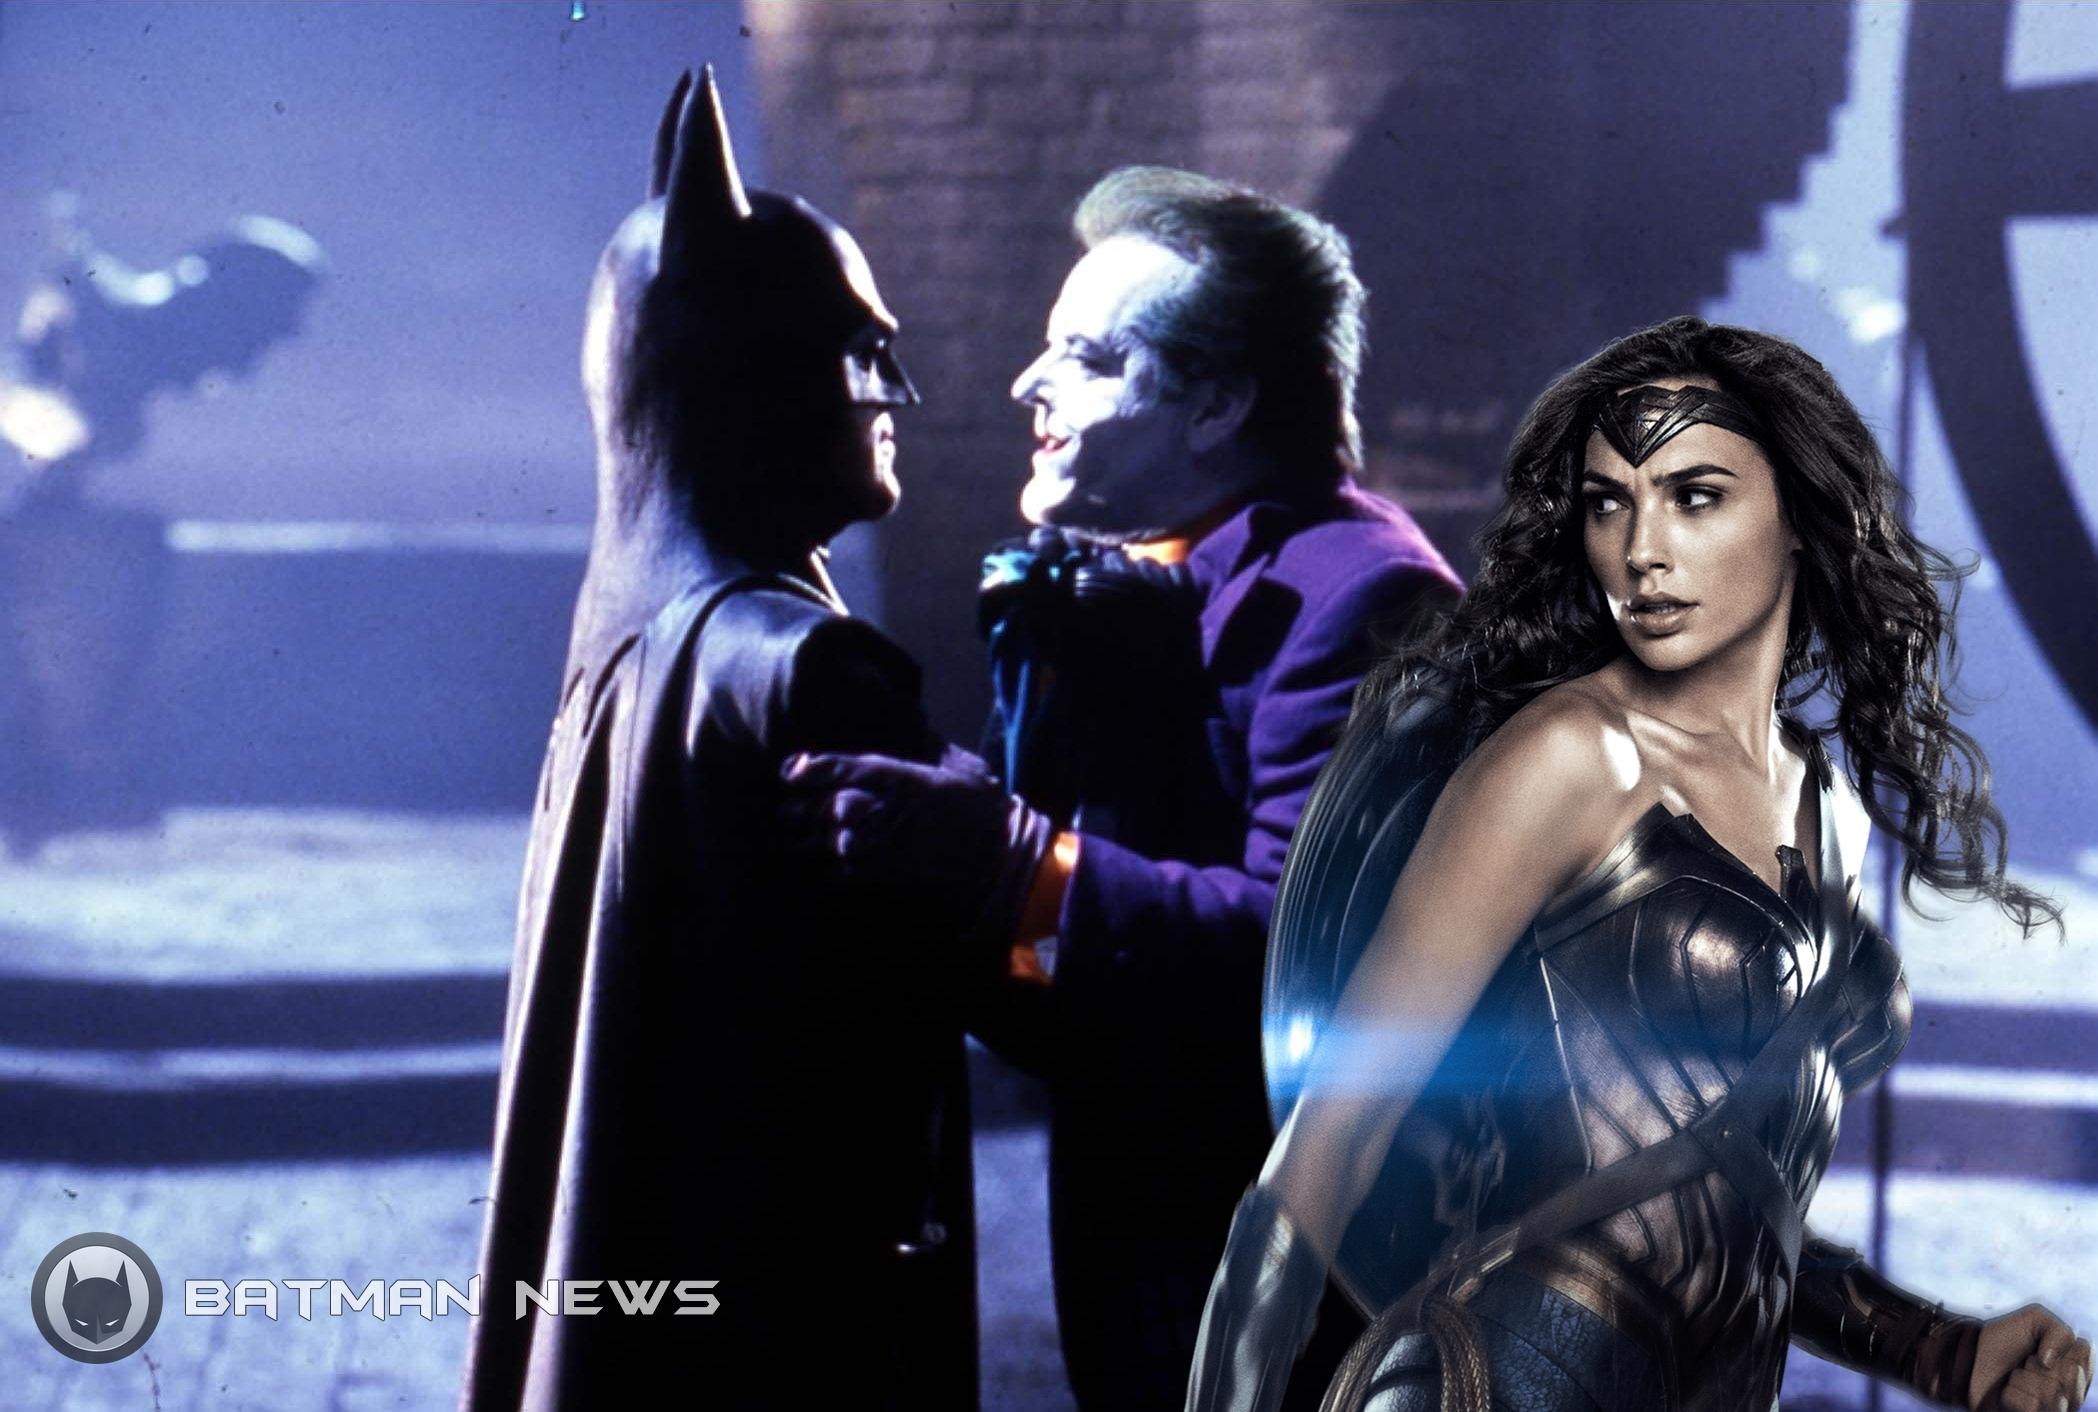 Batman Wonder Woman Franchise